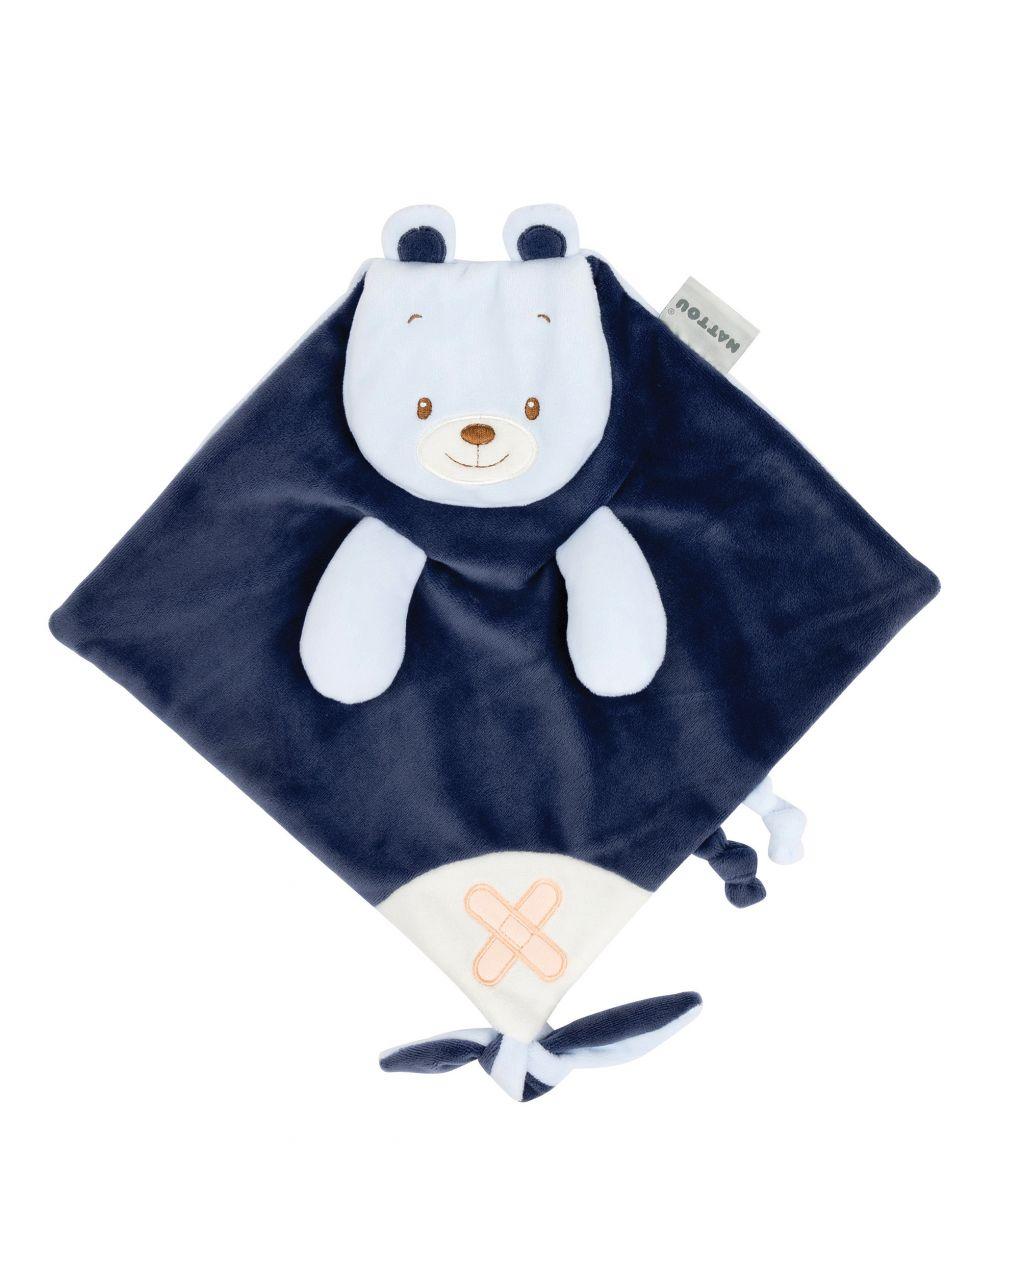 Nattou - doudou orso - Nattou